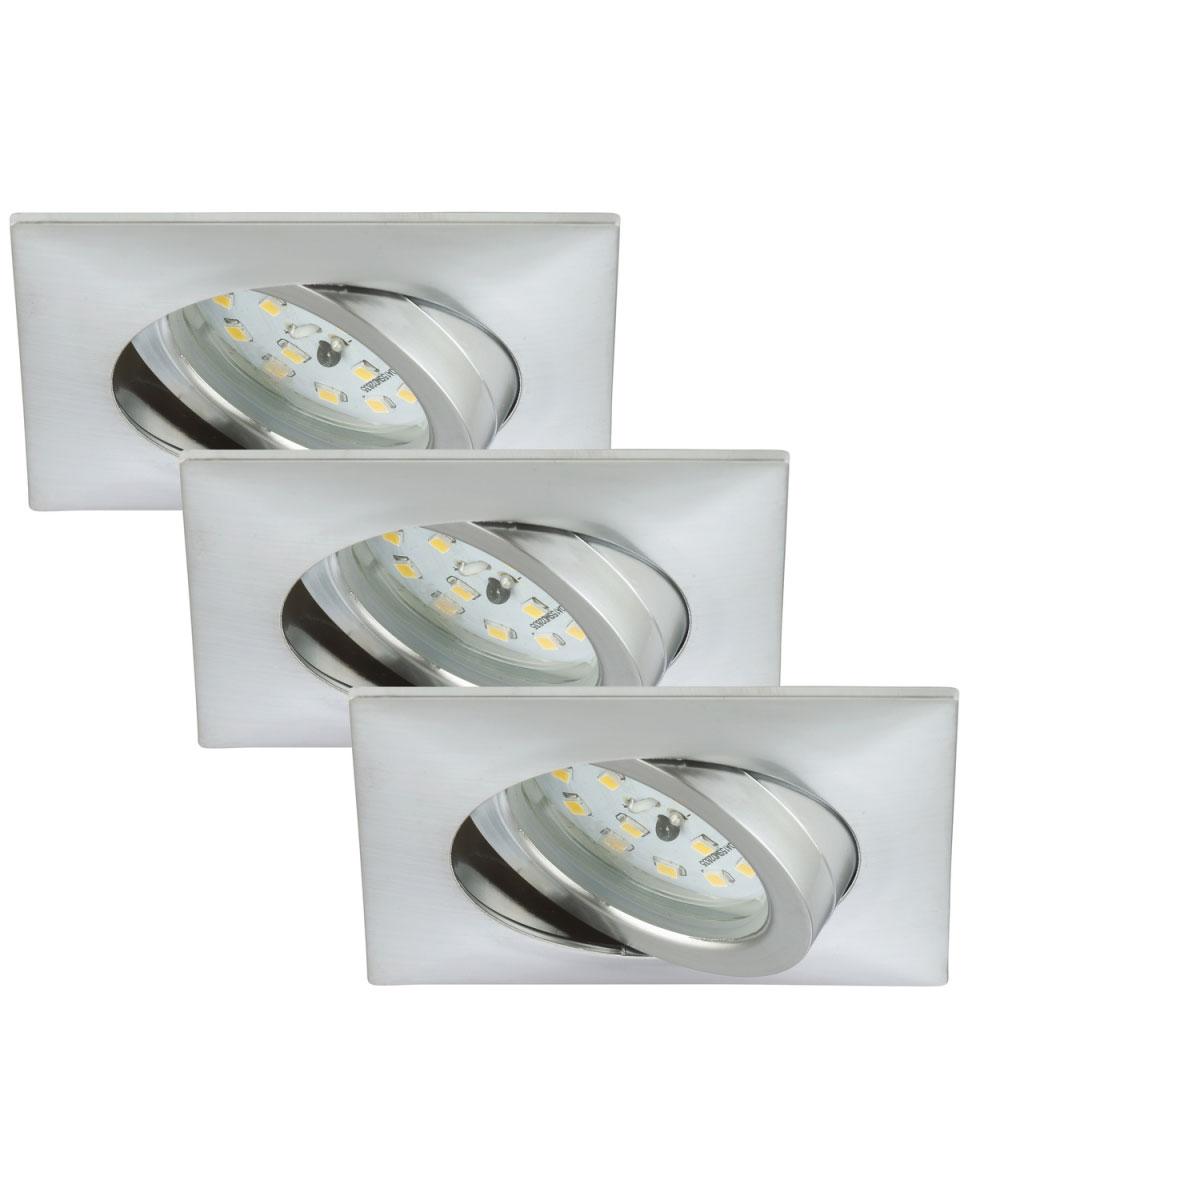 Deckenleuchten - LED Einbauleuchten Set, Aluminium, Modul, eckig, mit Gelenk  - Onlineshop Hellweg